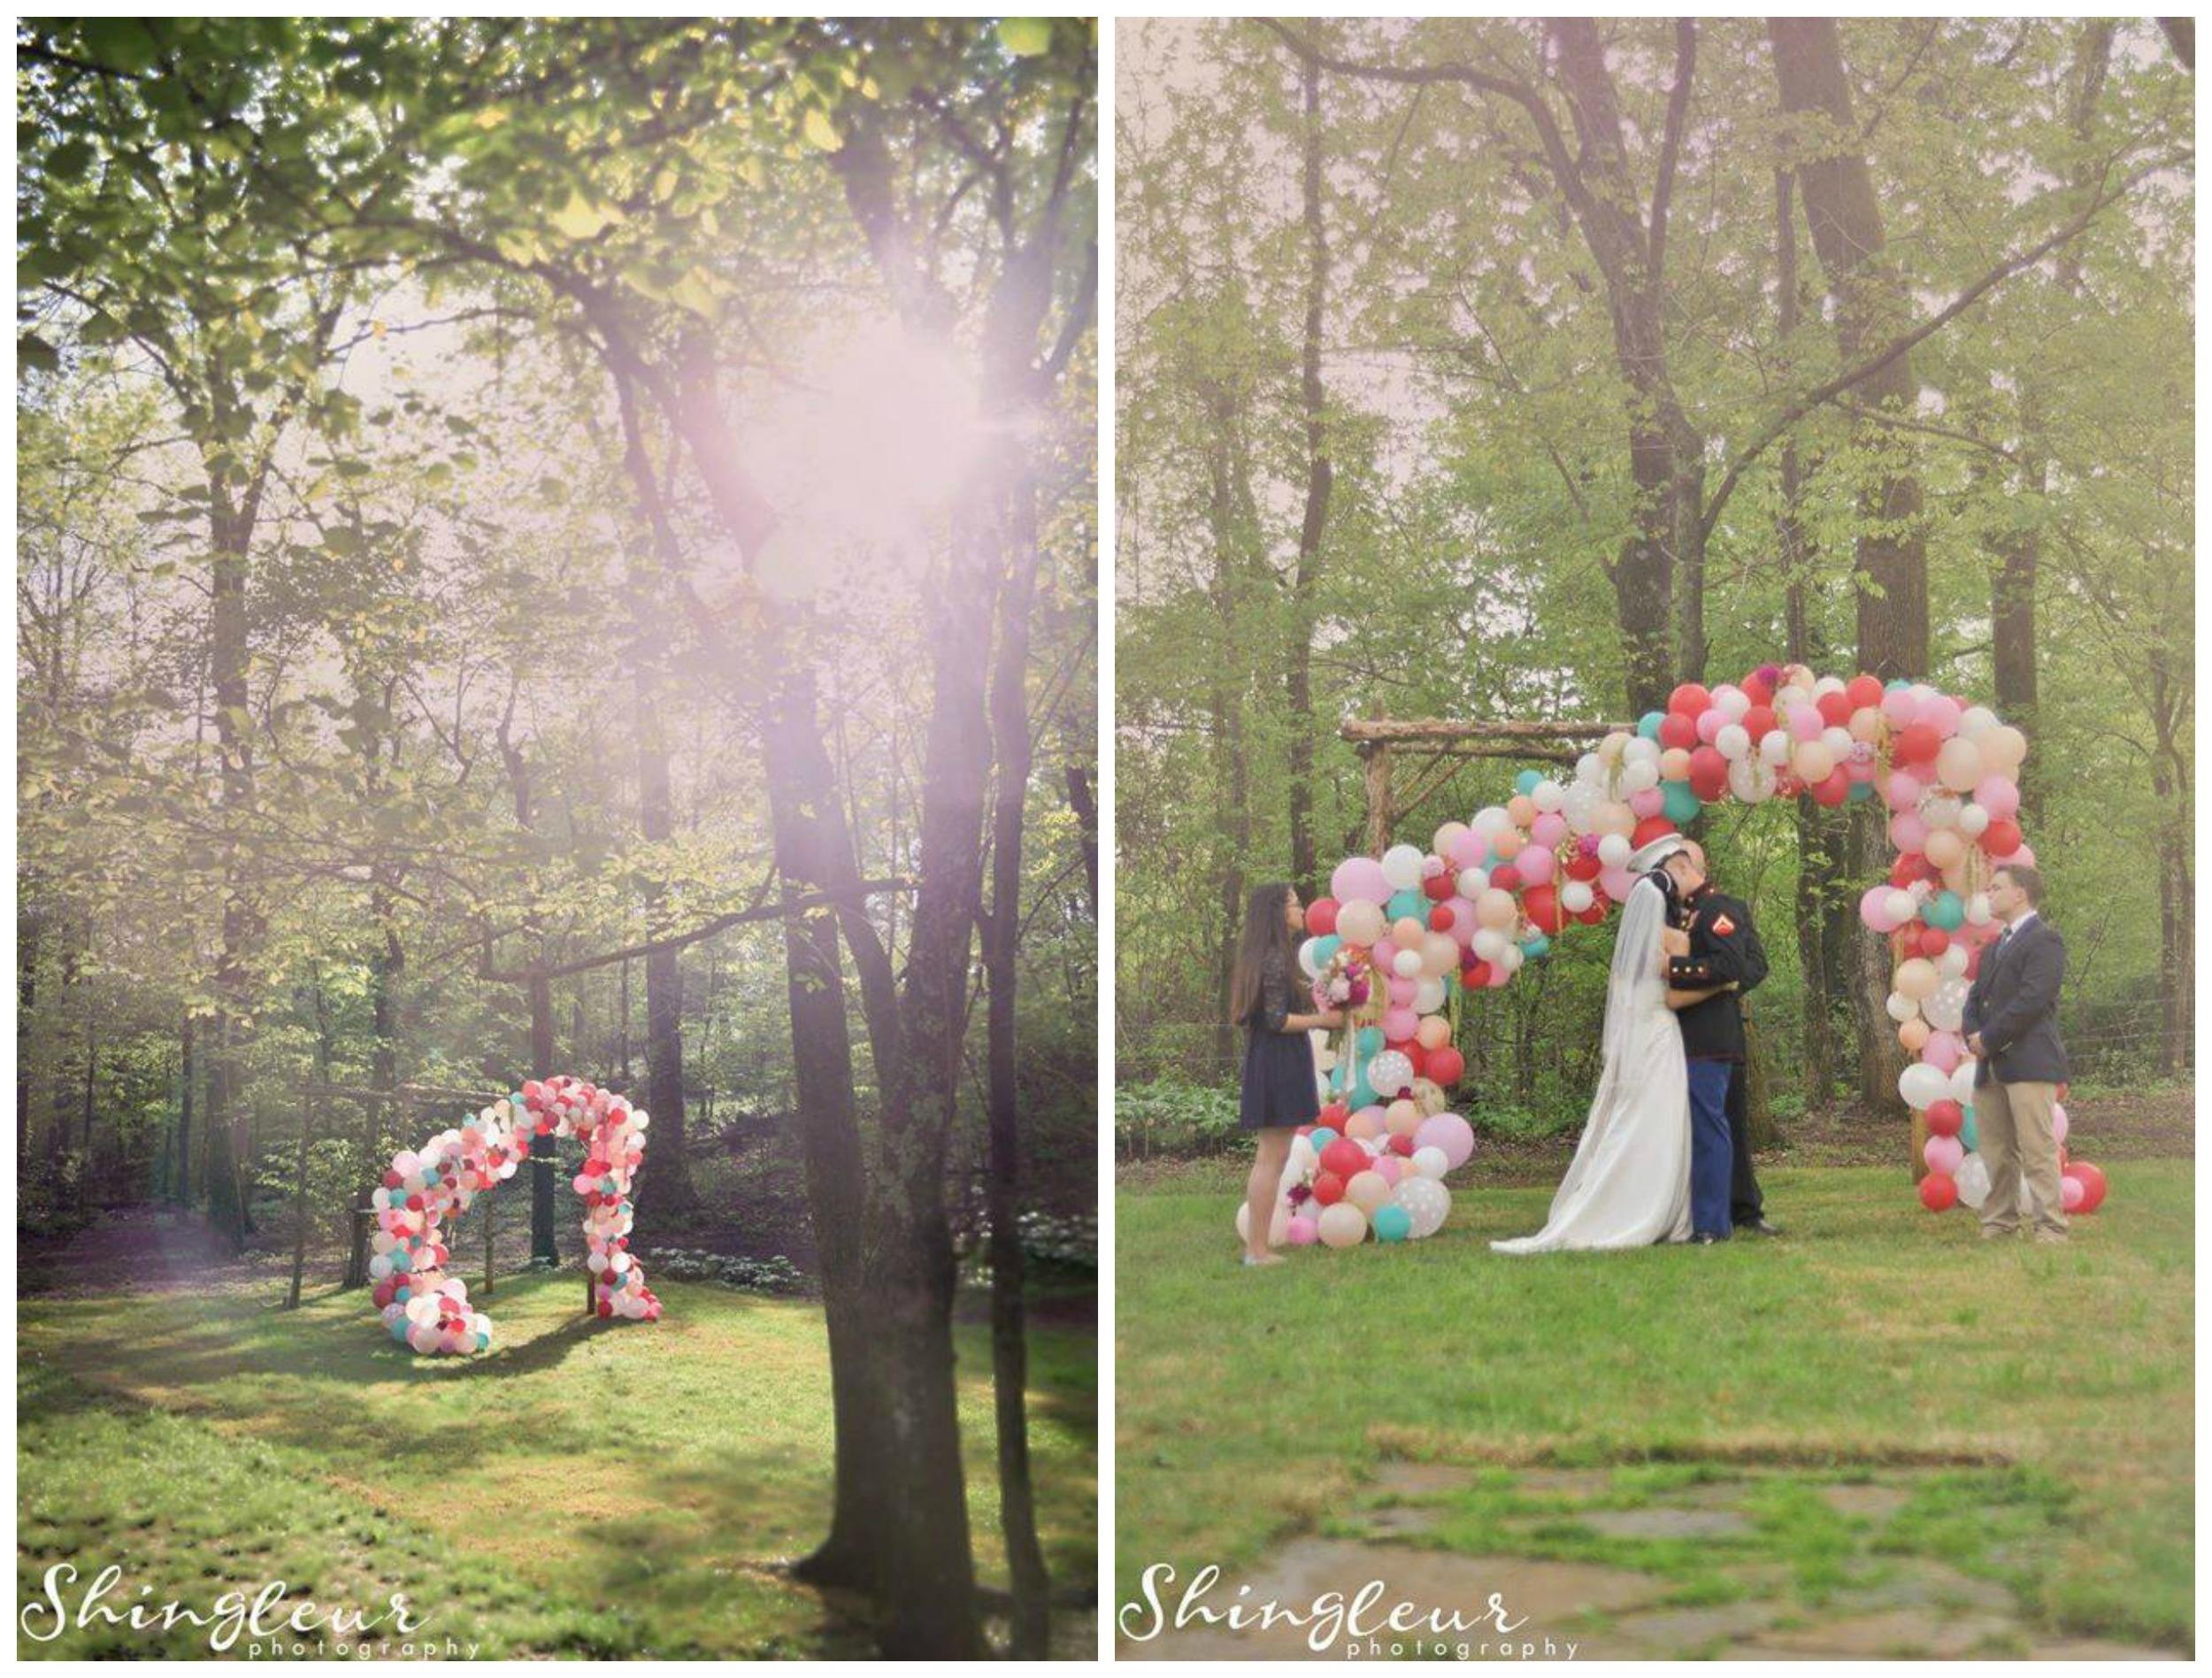 Shingleur Photography , from  Sujey + Jeffrey 's wedding